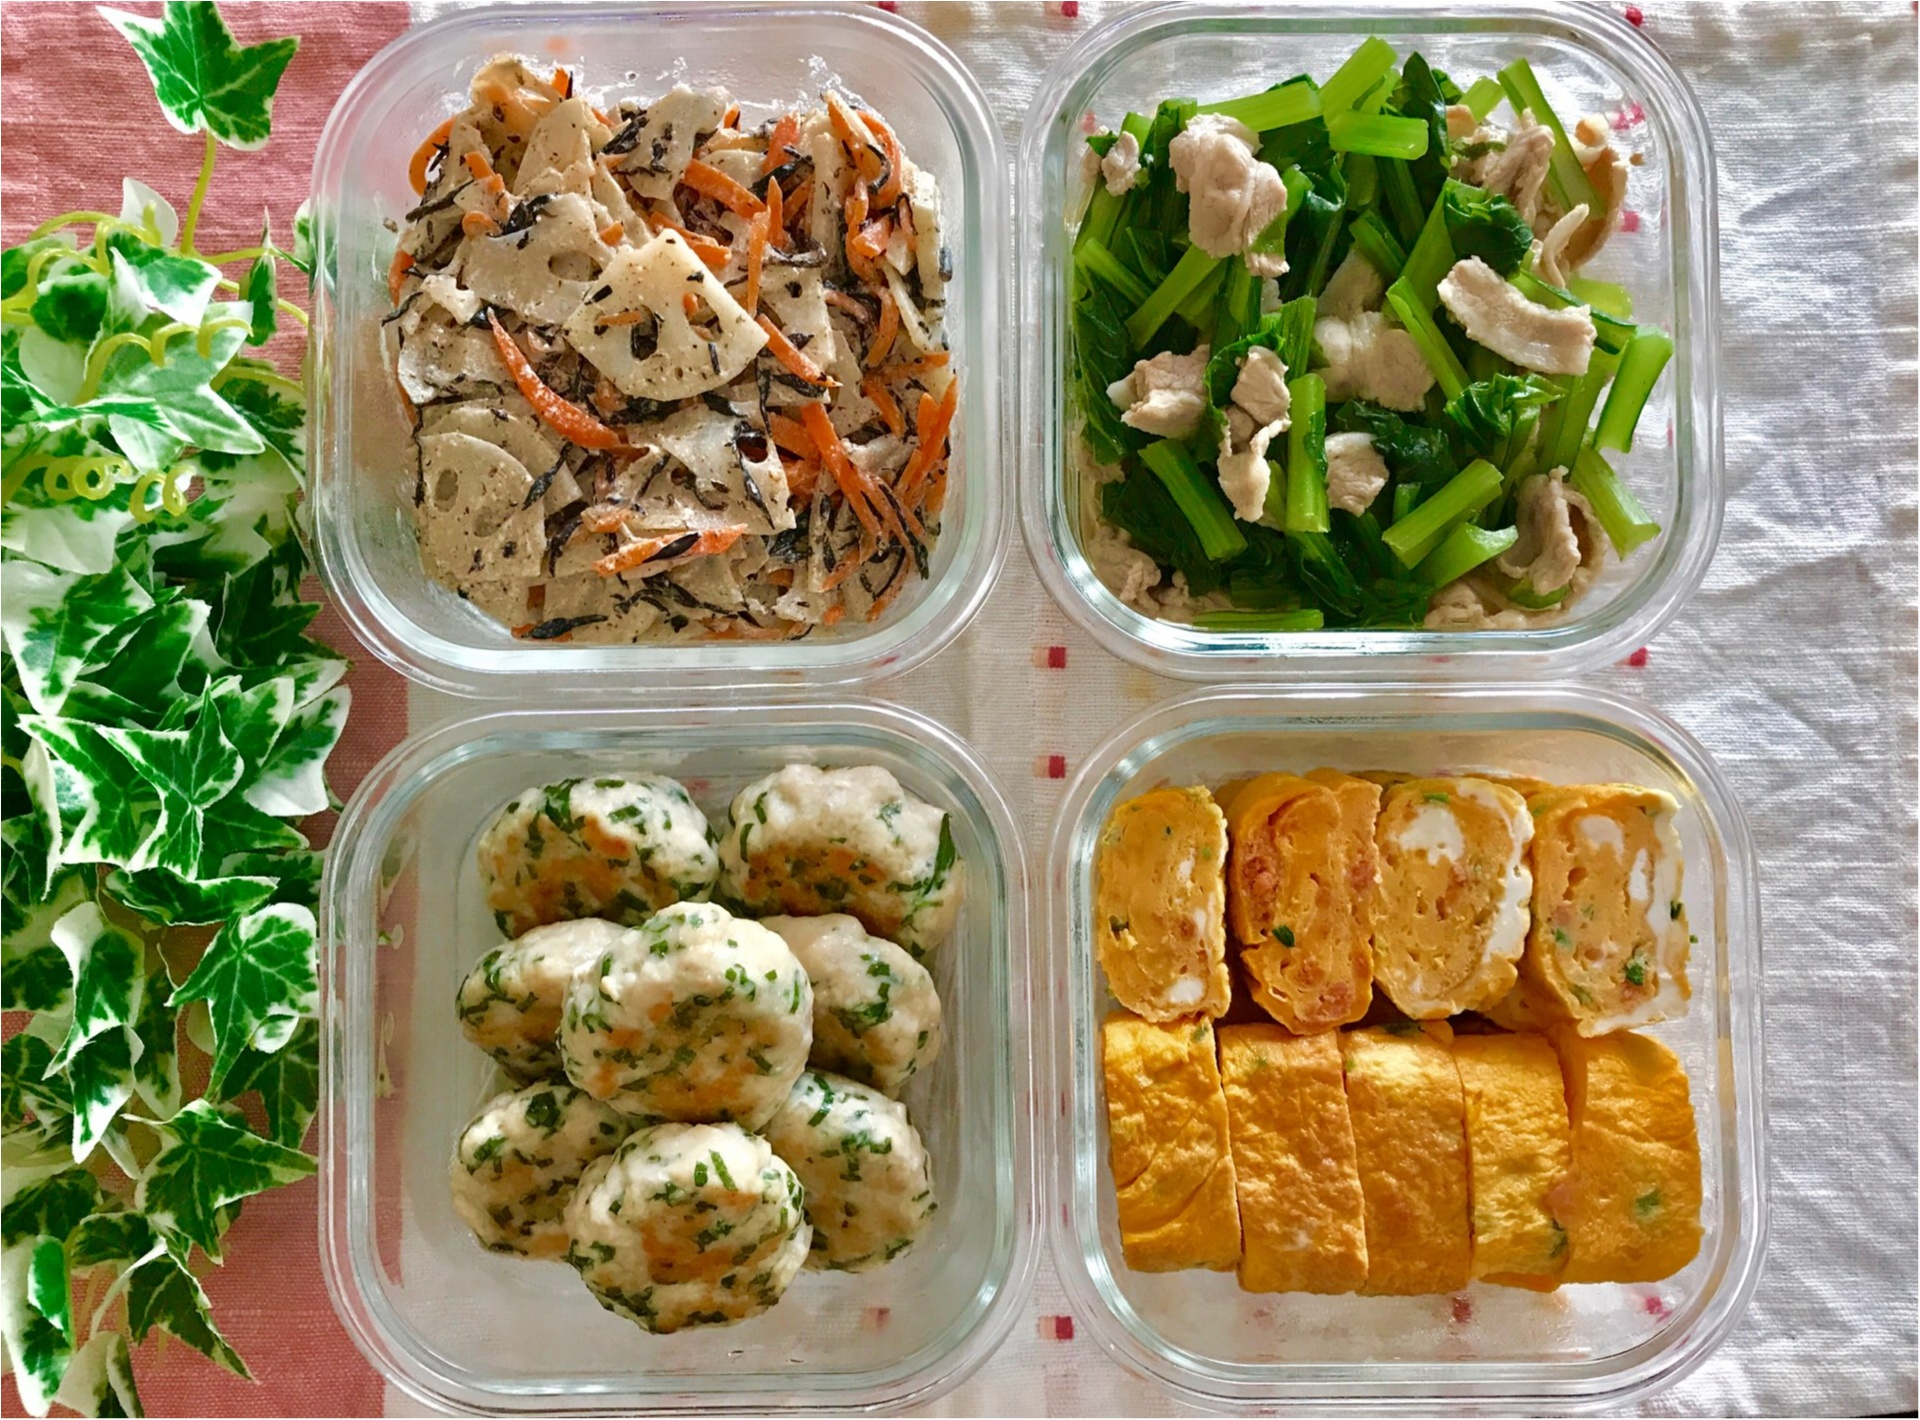 【作り置きおかず】お弁当作りに大活躍!超簡単★常備菜レシピをご紹介♡〜第23弾〜_1